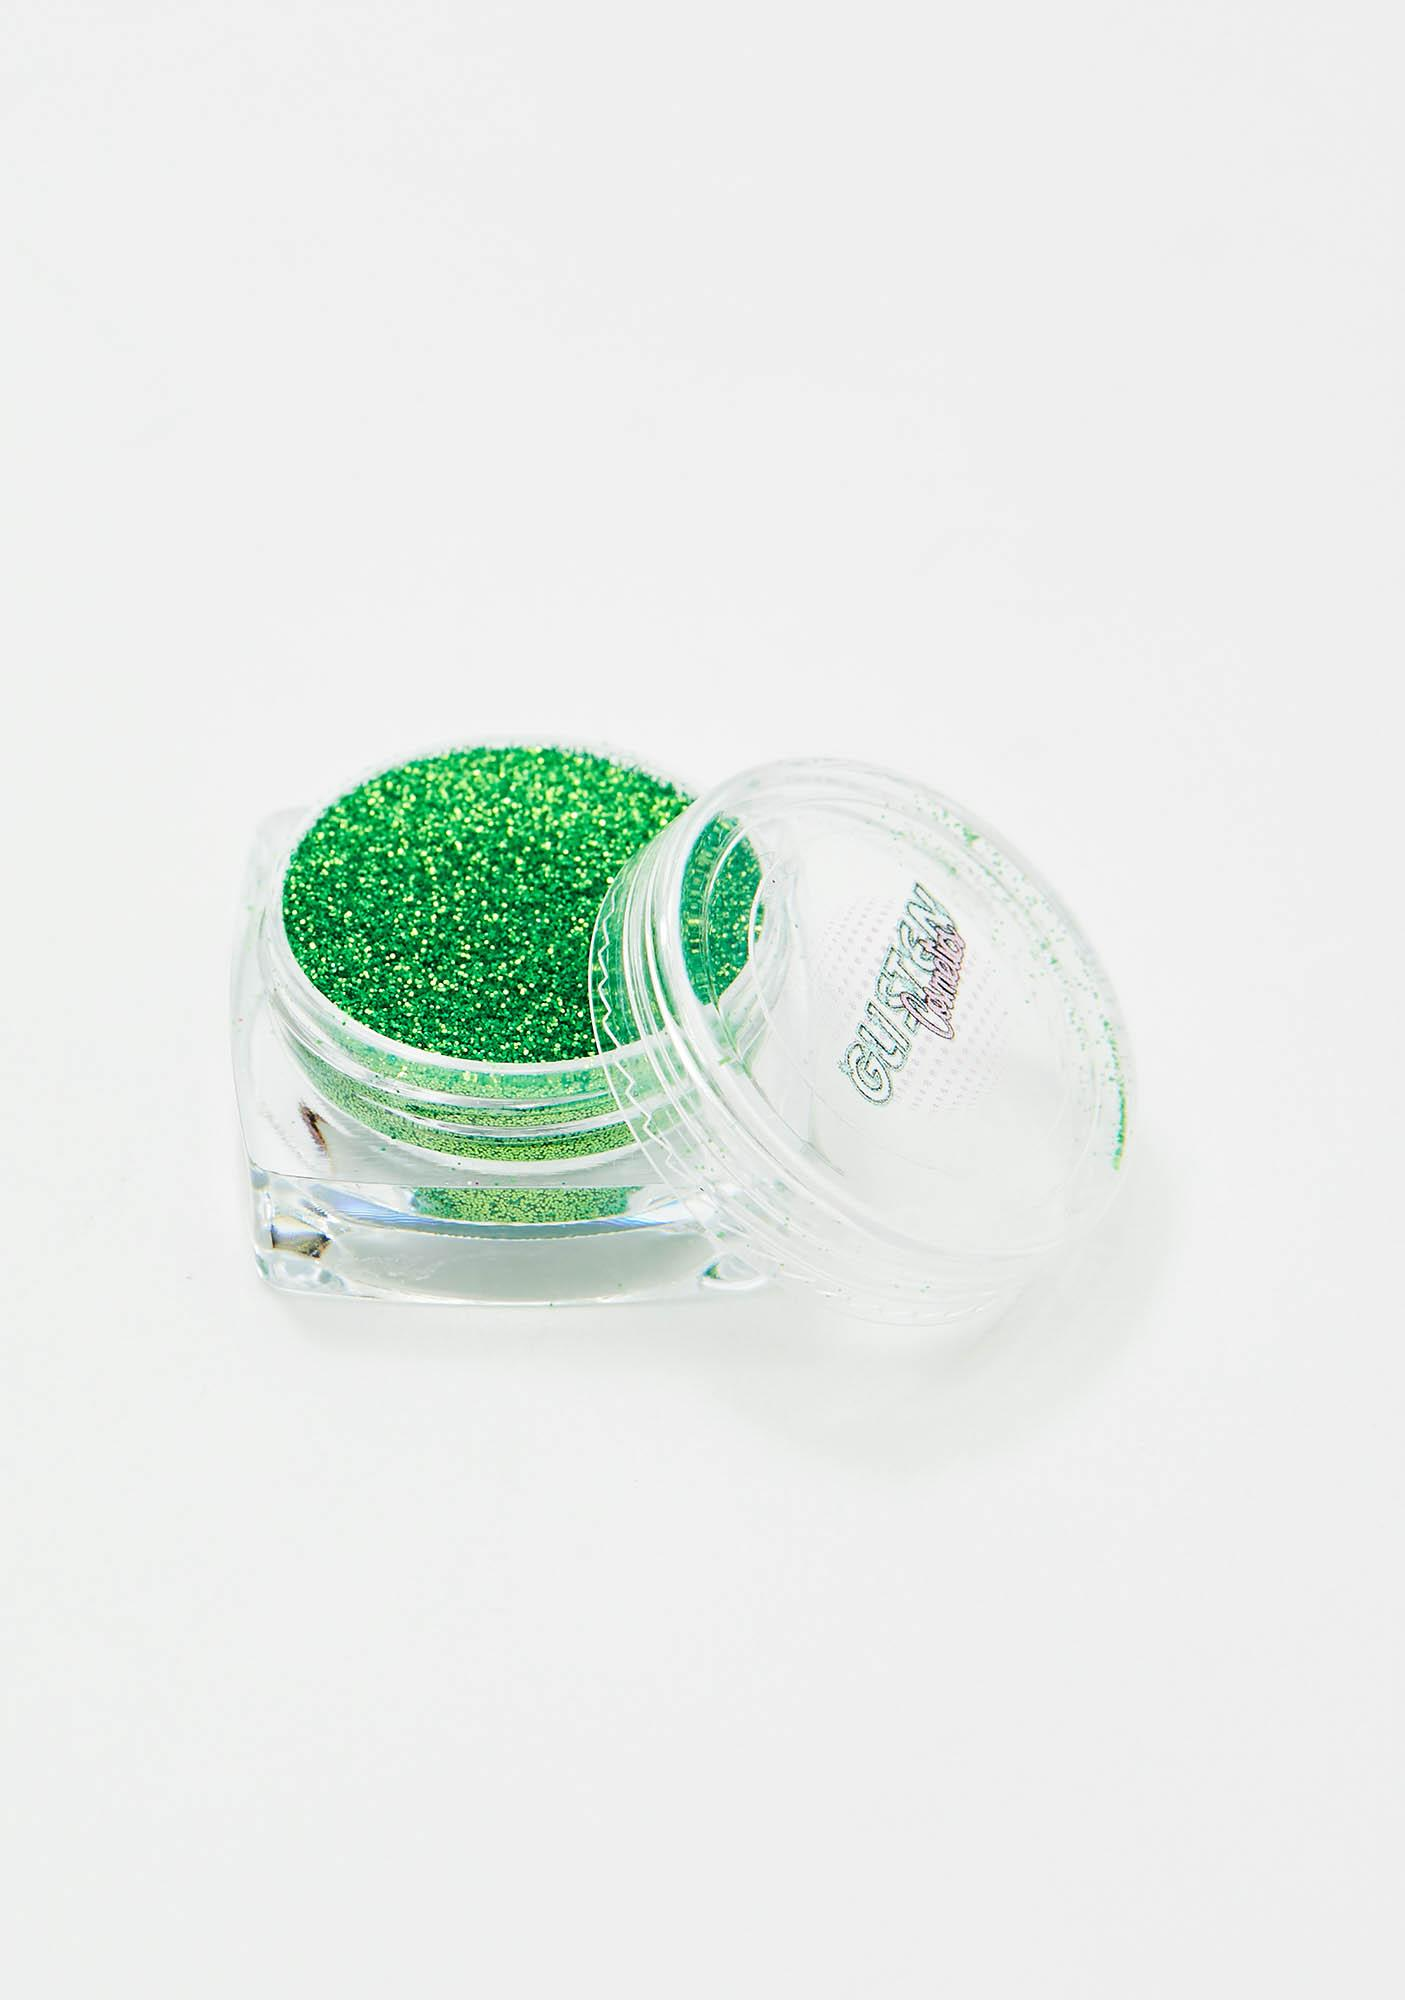 Glisten Cosmetics Biodegradable Microfine Grass